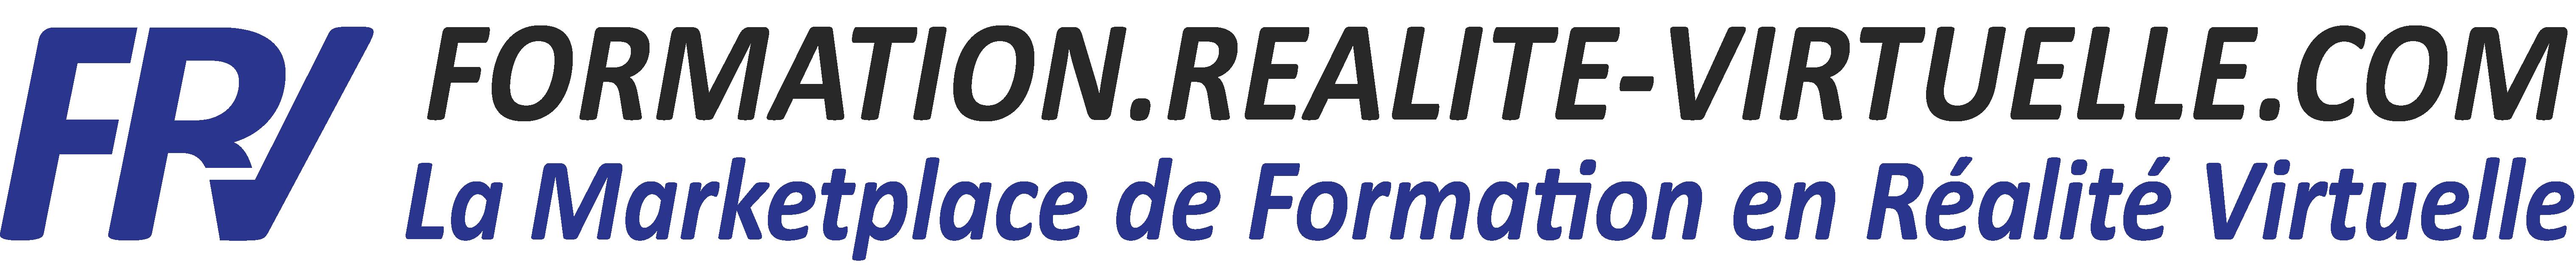 logo de la marketplace de formation en réalité virtuelle